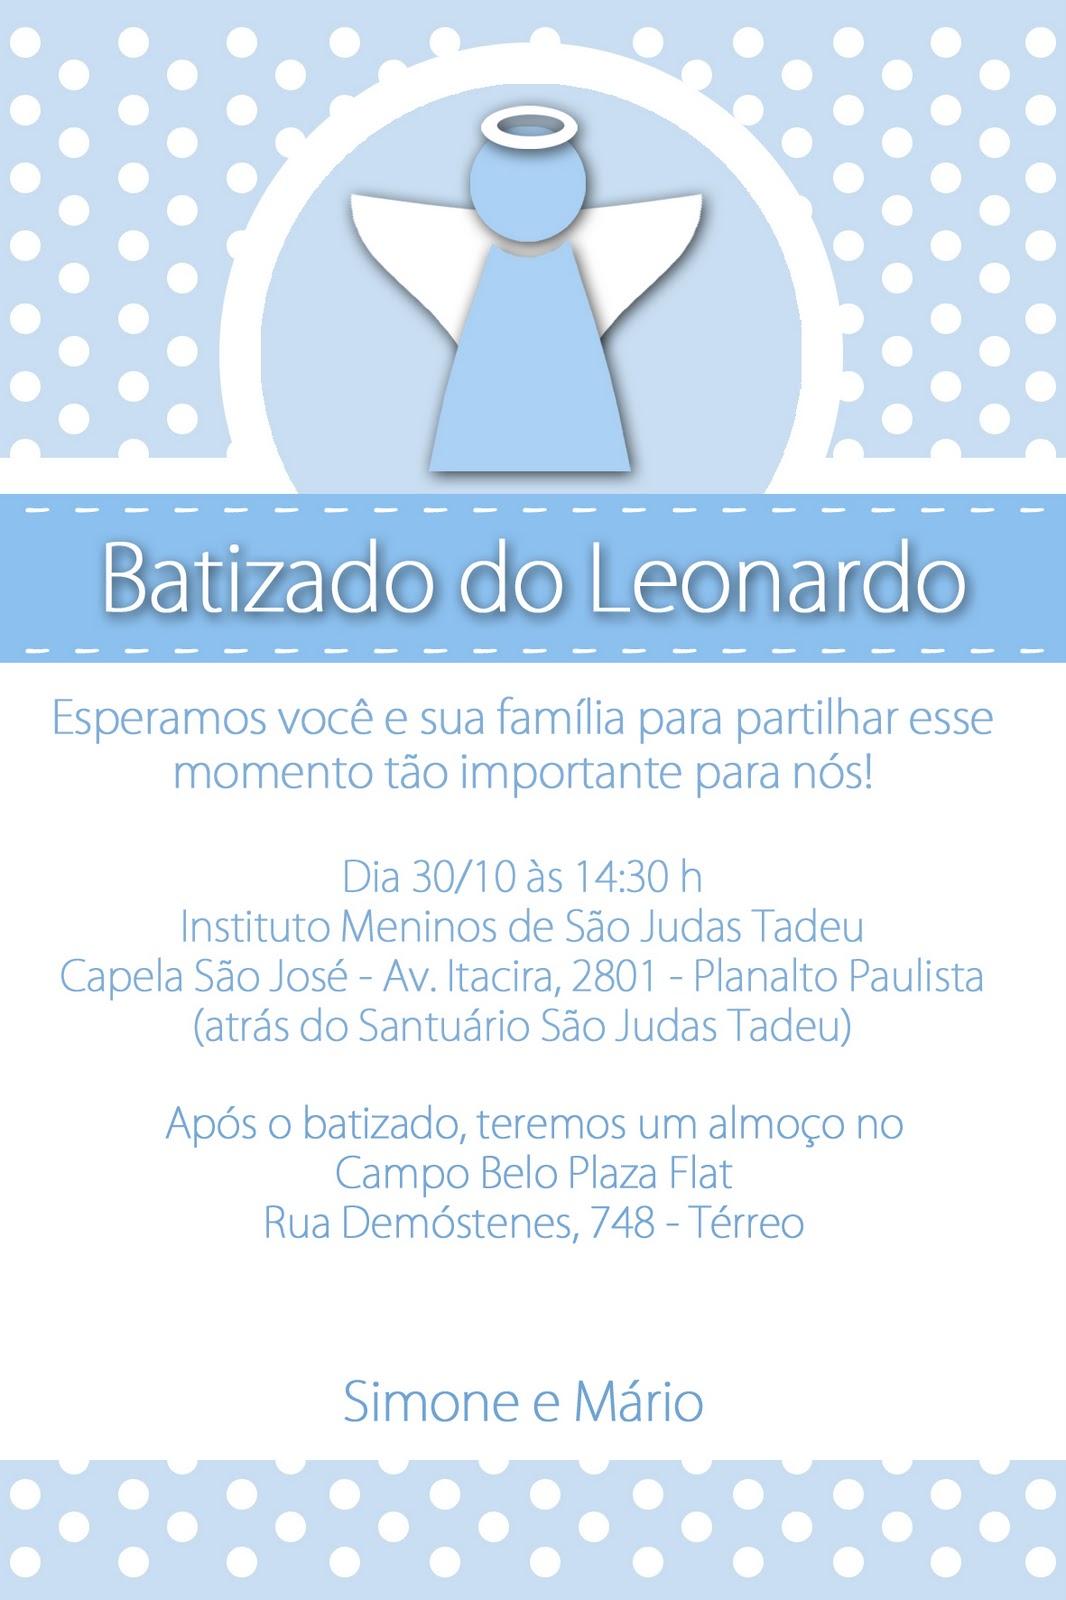 Convite   O Anjinho Estilizado  Bolinhas Brancas No Fundo Azul E A